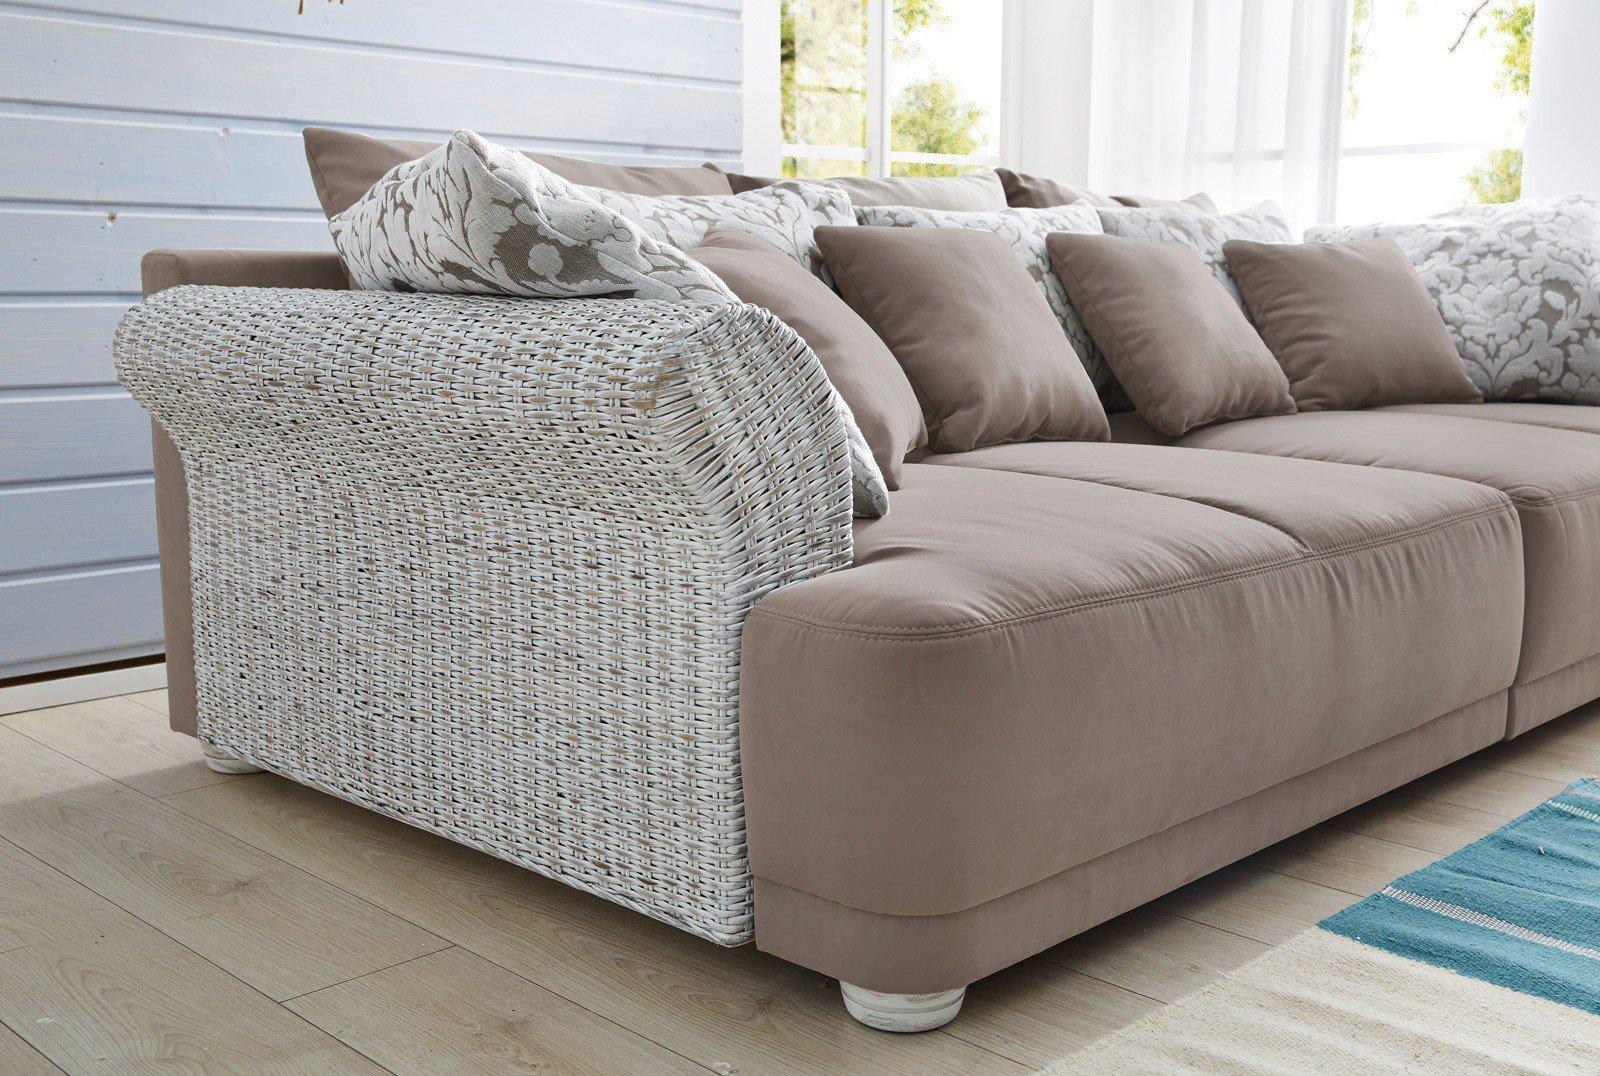 Megasofa braun  Jockenhöfer Ravenna / Rosa Big Sofa braun beige | Möbel Letz - Ihr ...